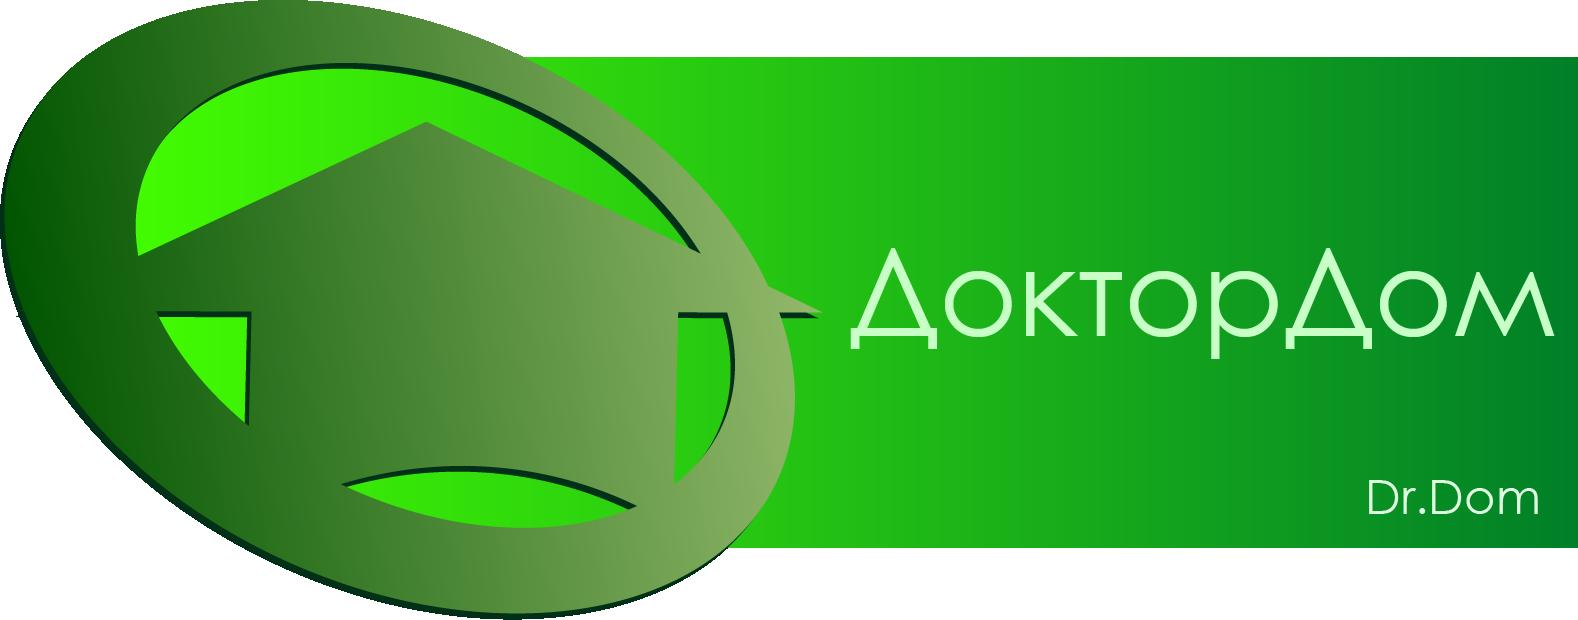 Разработать логотип для сети магазинов бытовой химии и товаров для уборки фото f_877600159b882eef.png